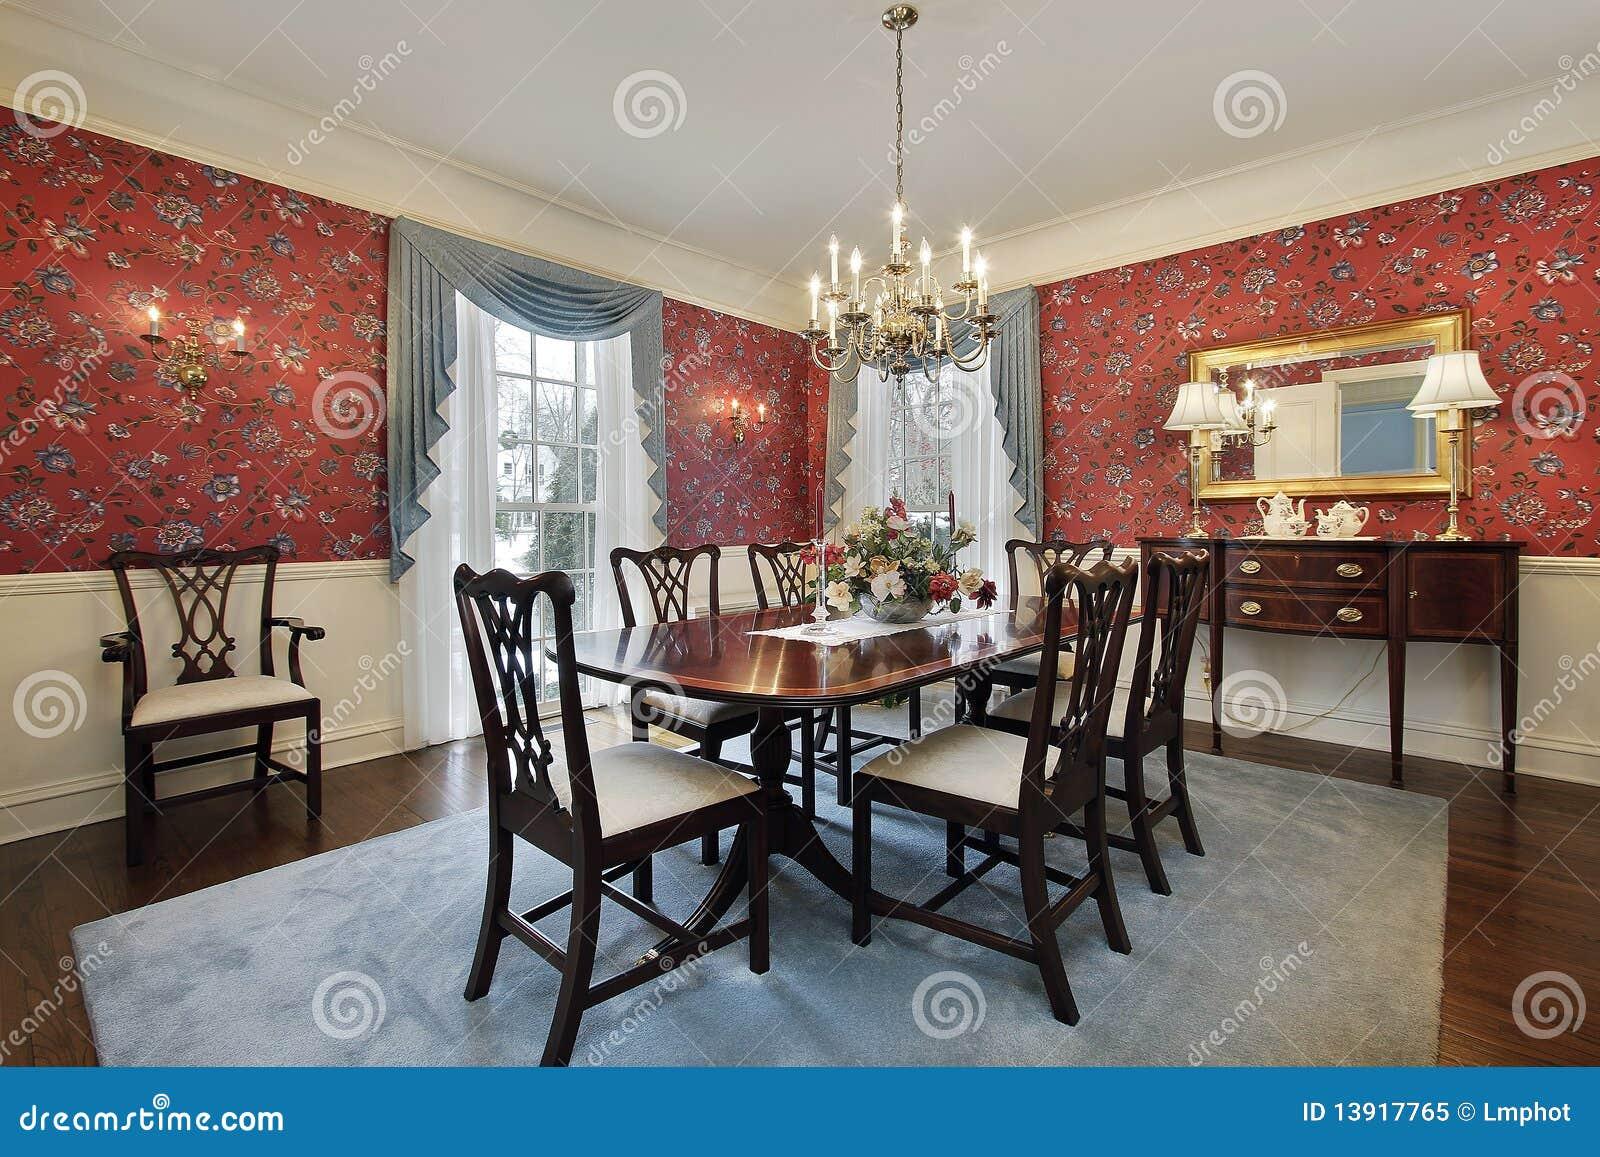 Area Rugs For Dining Rooms Sala De Jantar Com O Papel De Parede Floral Vermelho